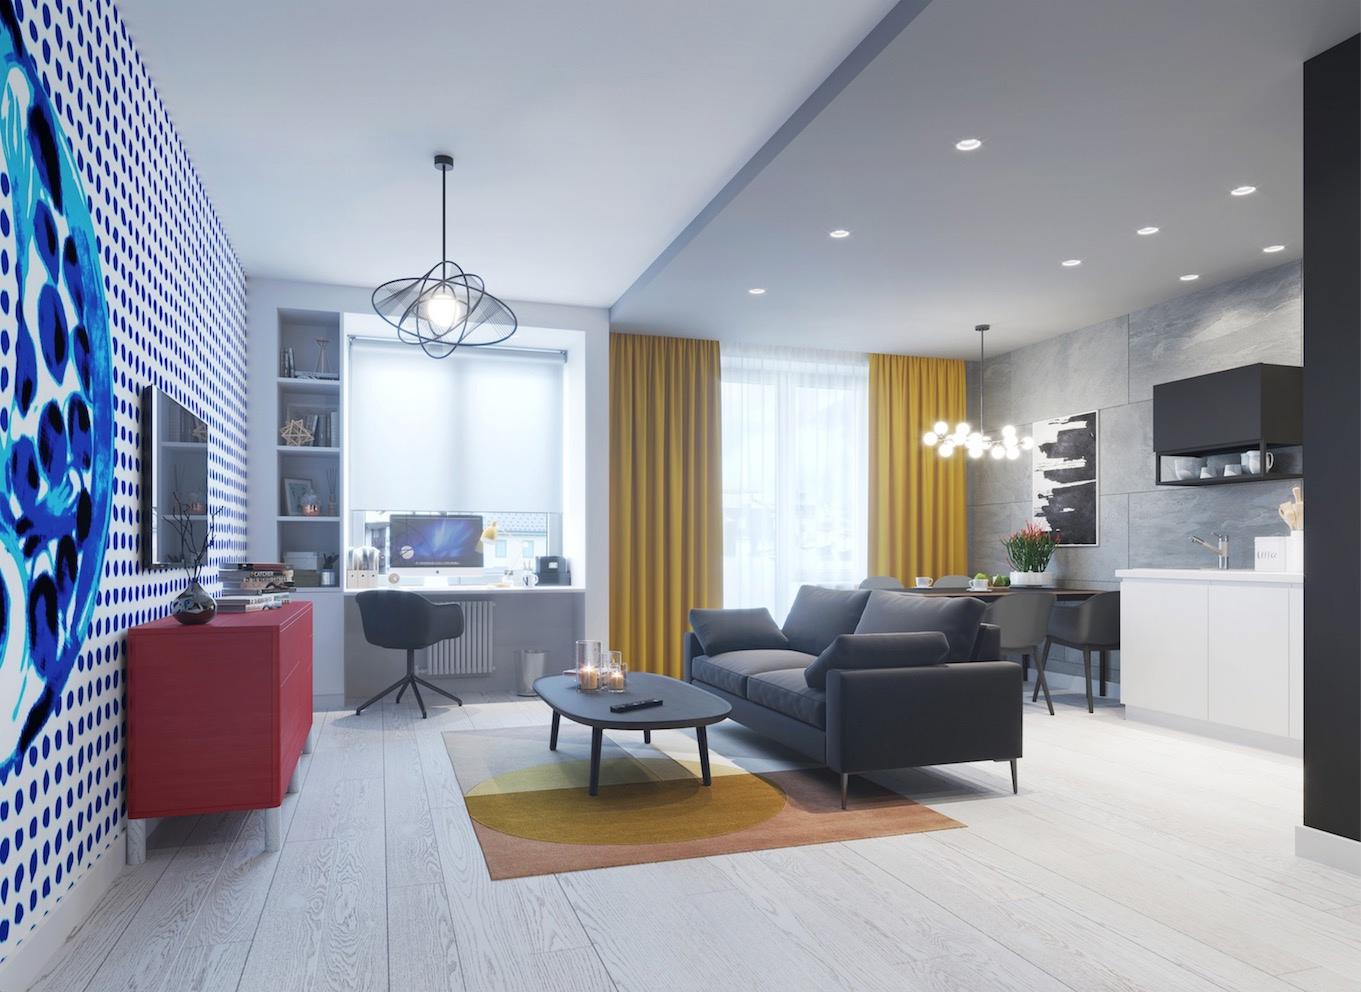 Проект квартиры открытой планировки.